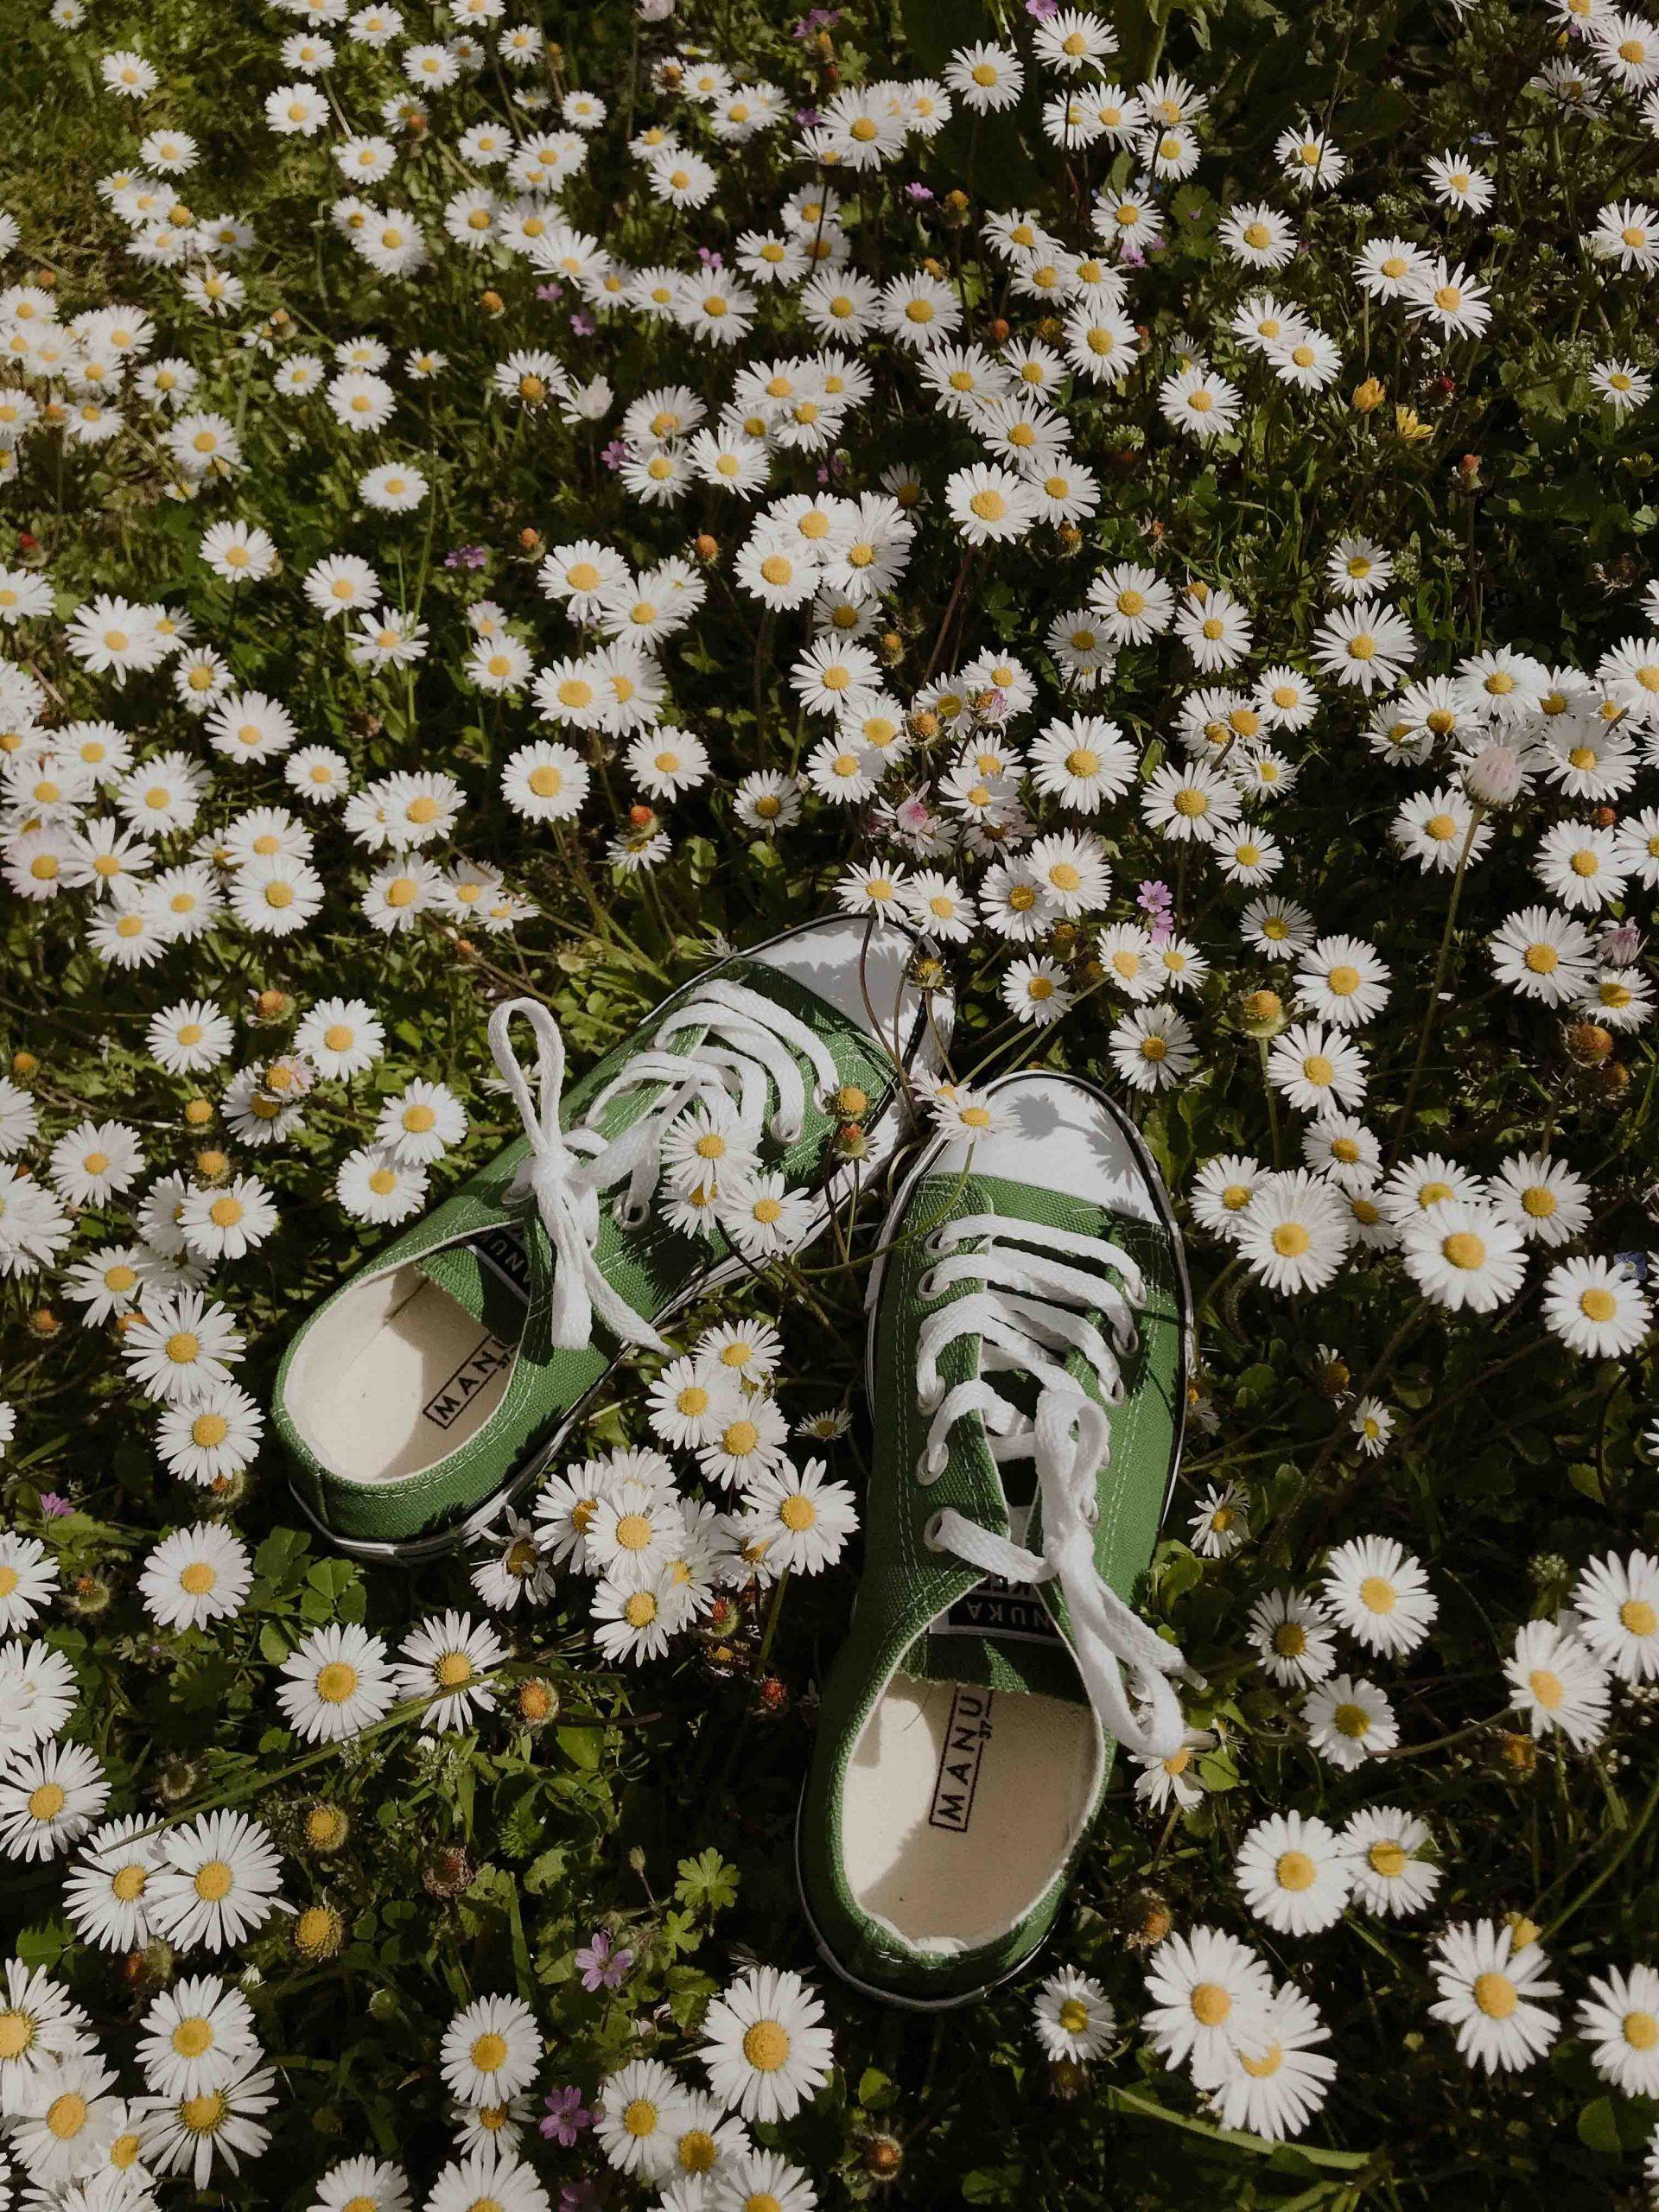 tinh thần đôi giày trên cánh đồng hoa